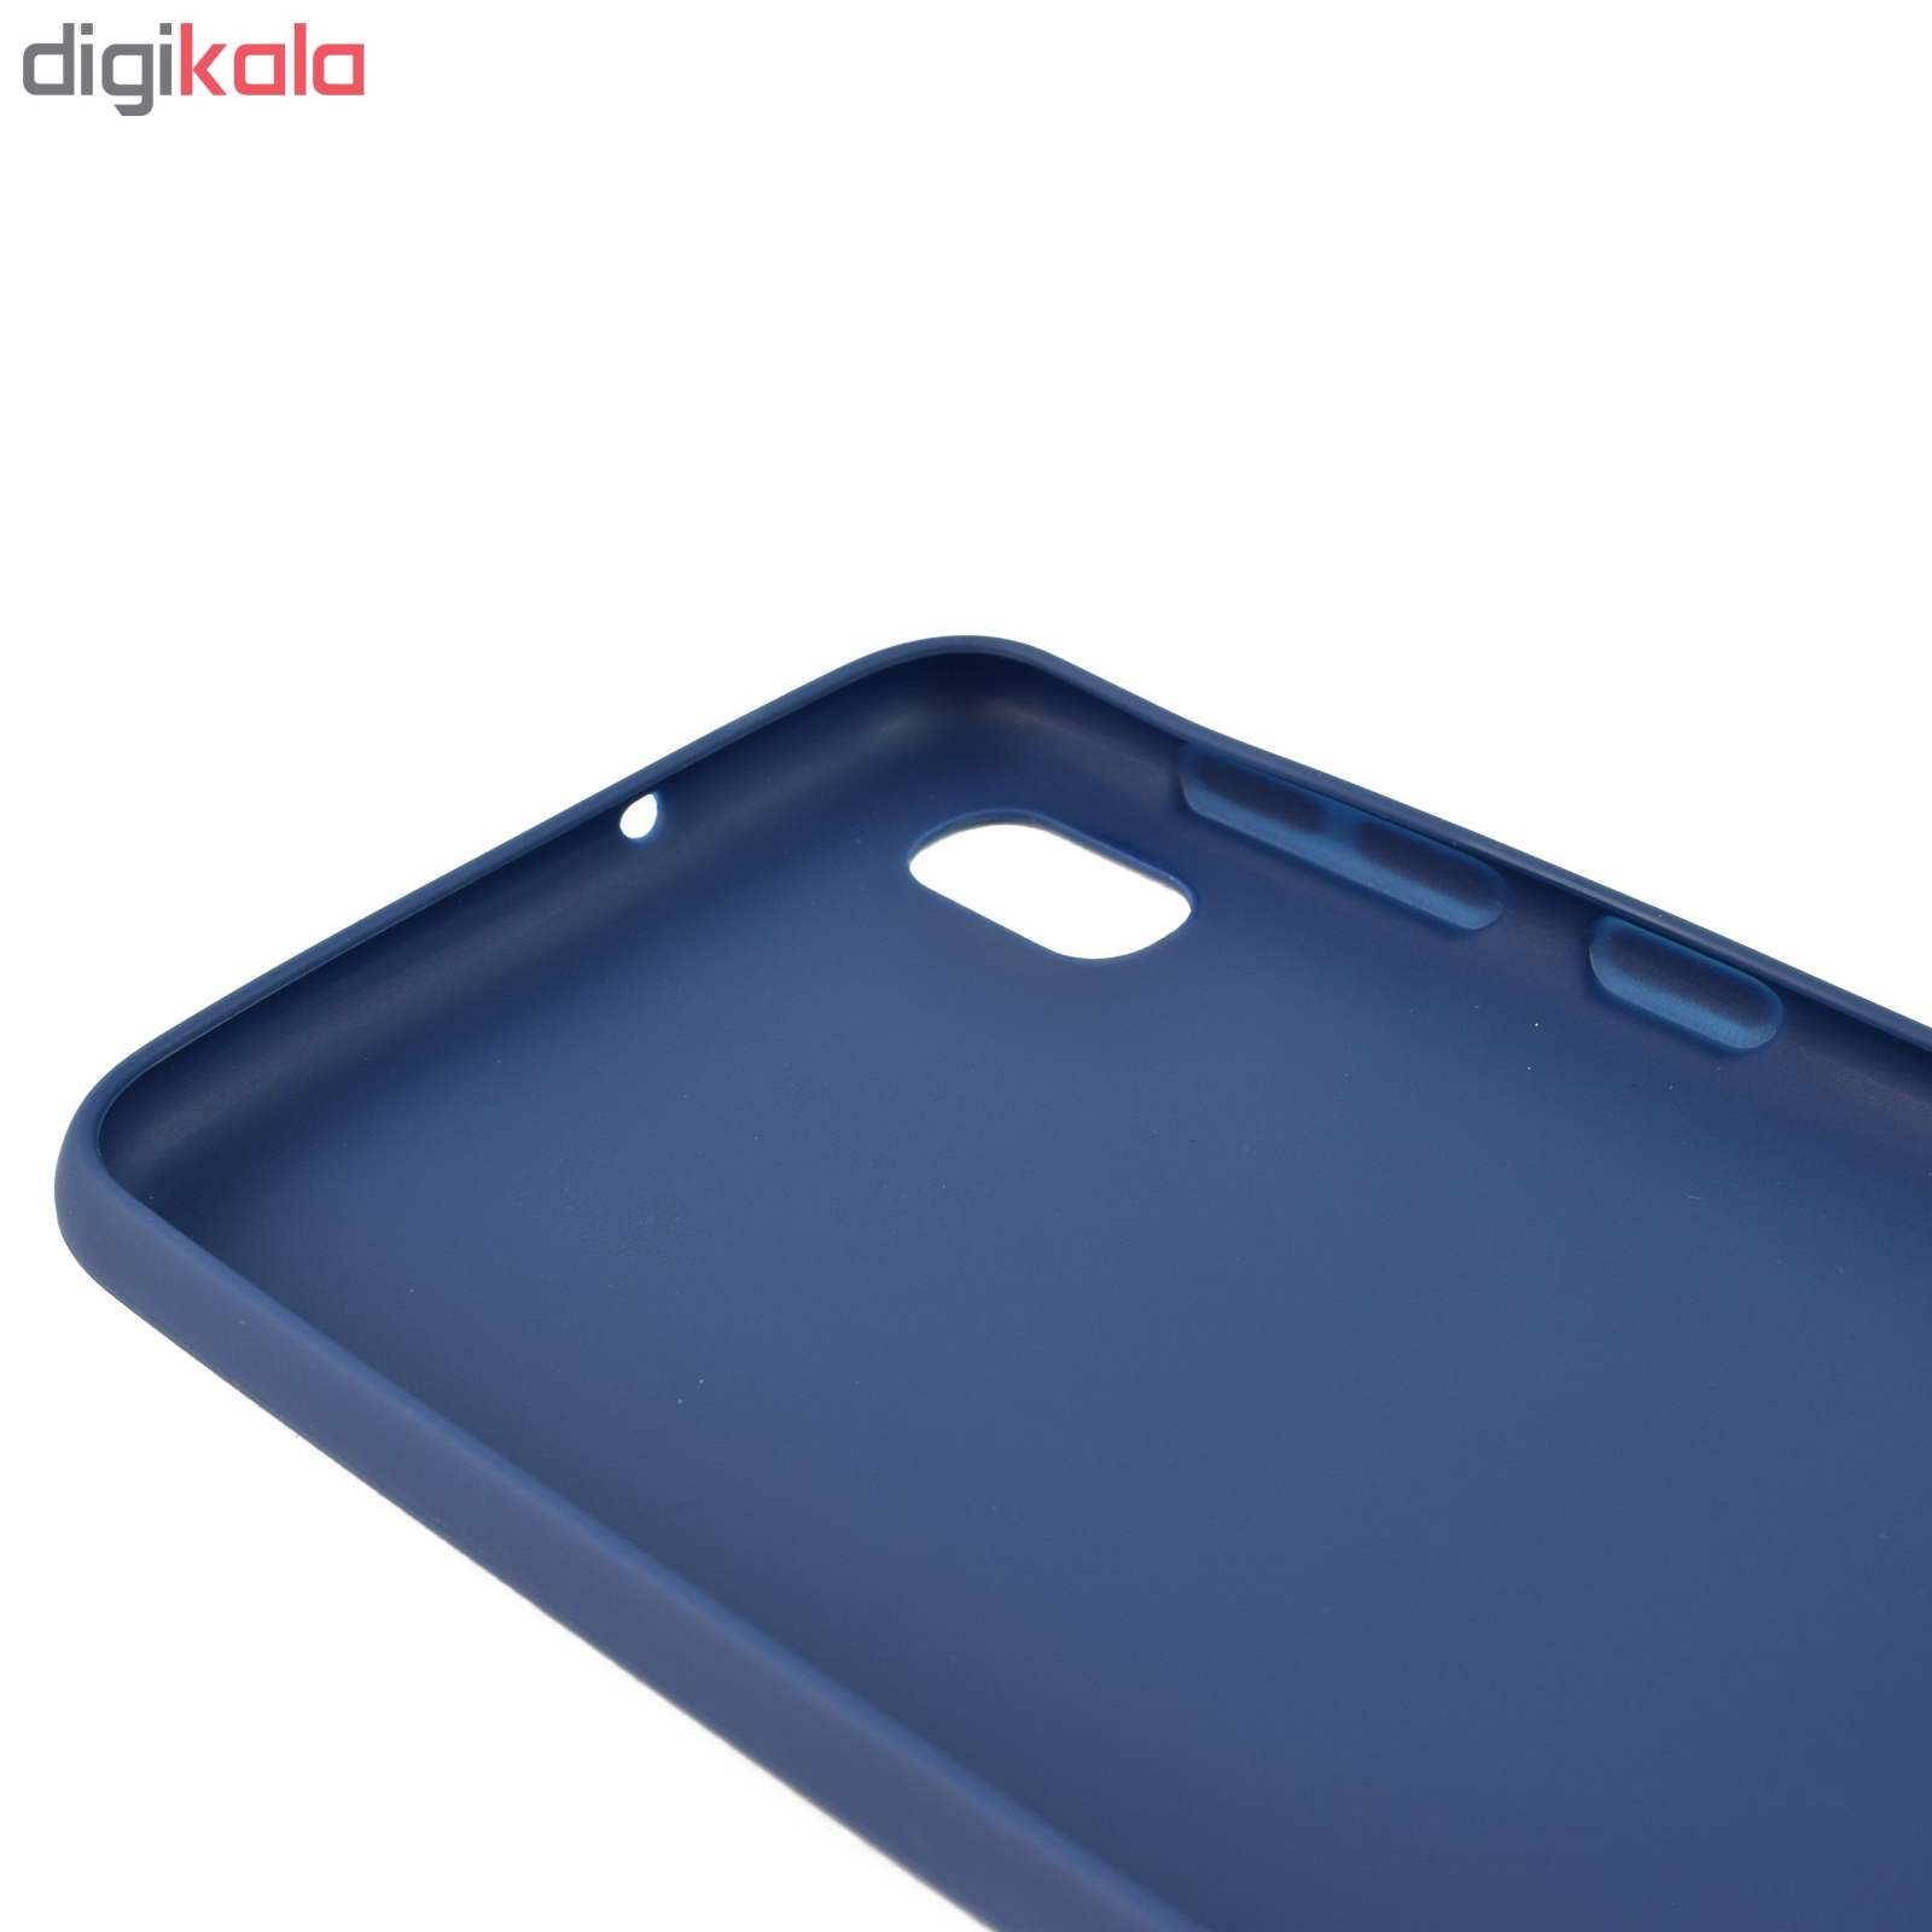 کاور مدل Sicomi مناسب برای گوشی موبایل سامسونگ Galaxy A10 main 1 8